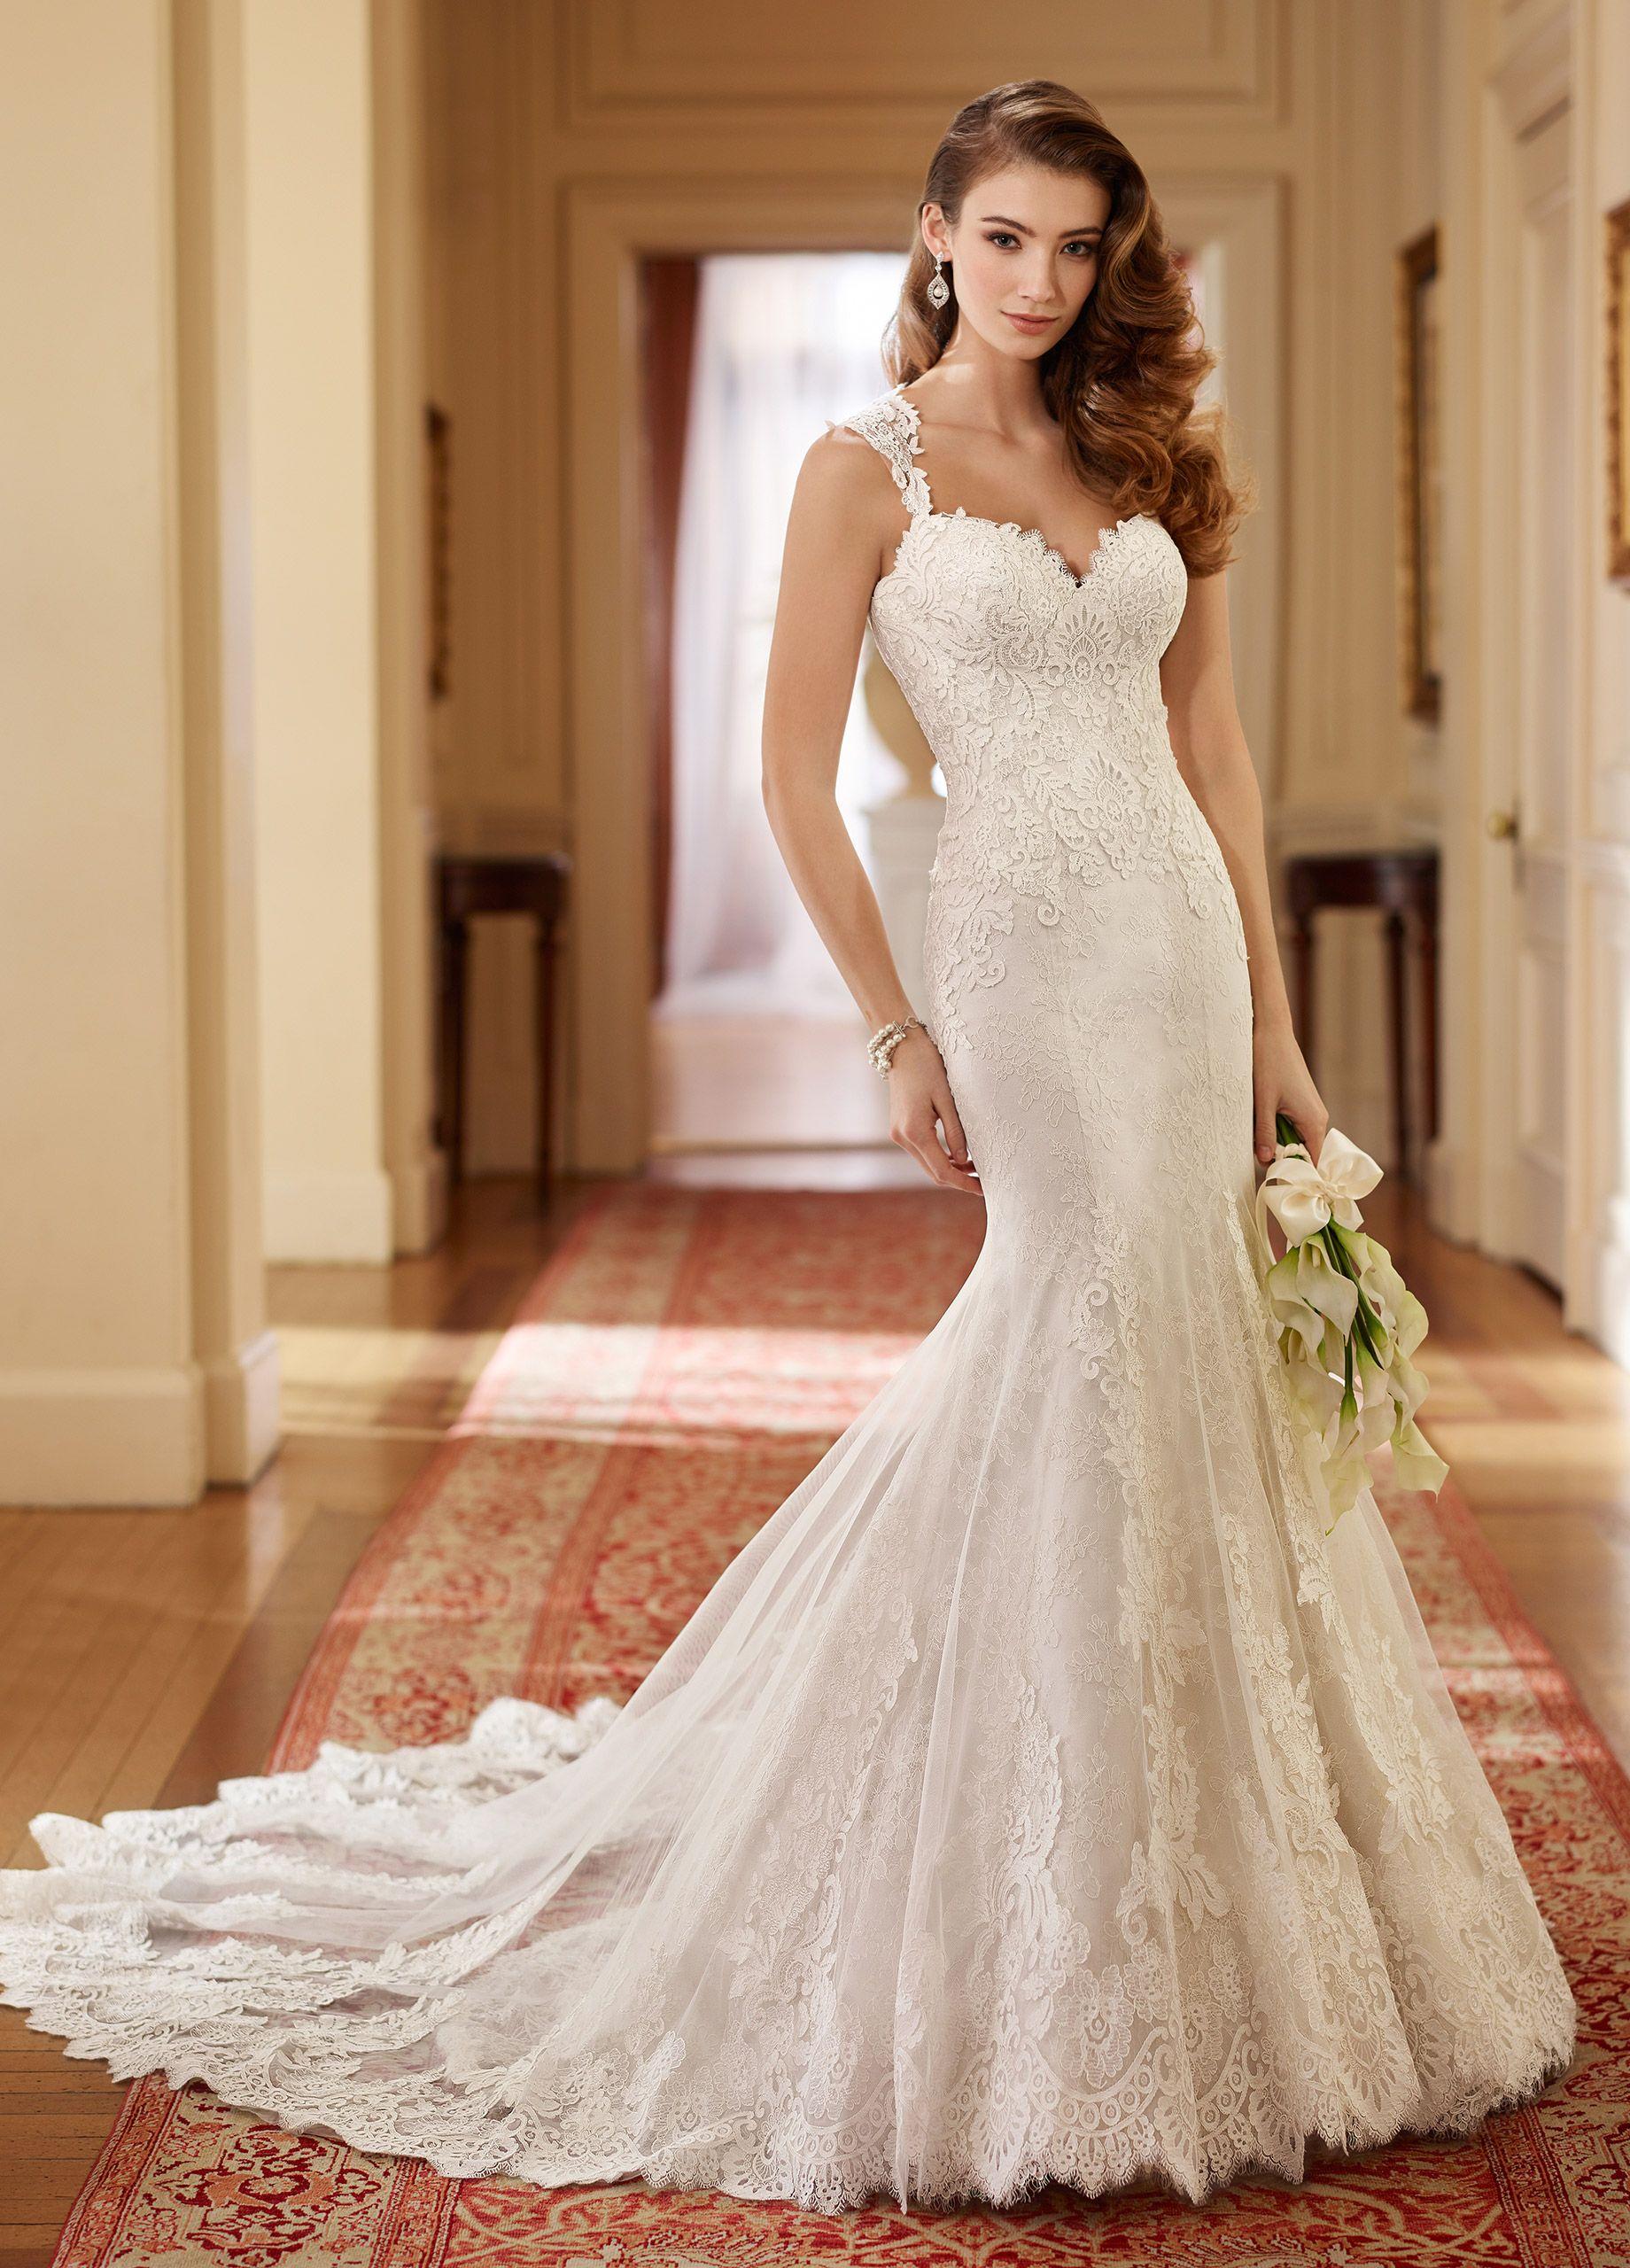 Queen Anne Neckline Fit & Flare Lace Wedding Dress- 217221 Helen ...